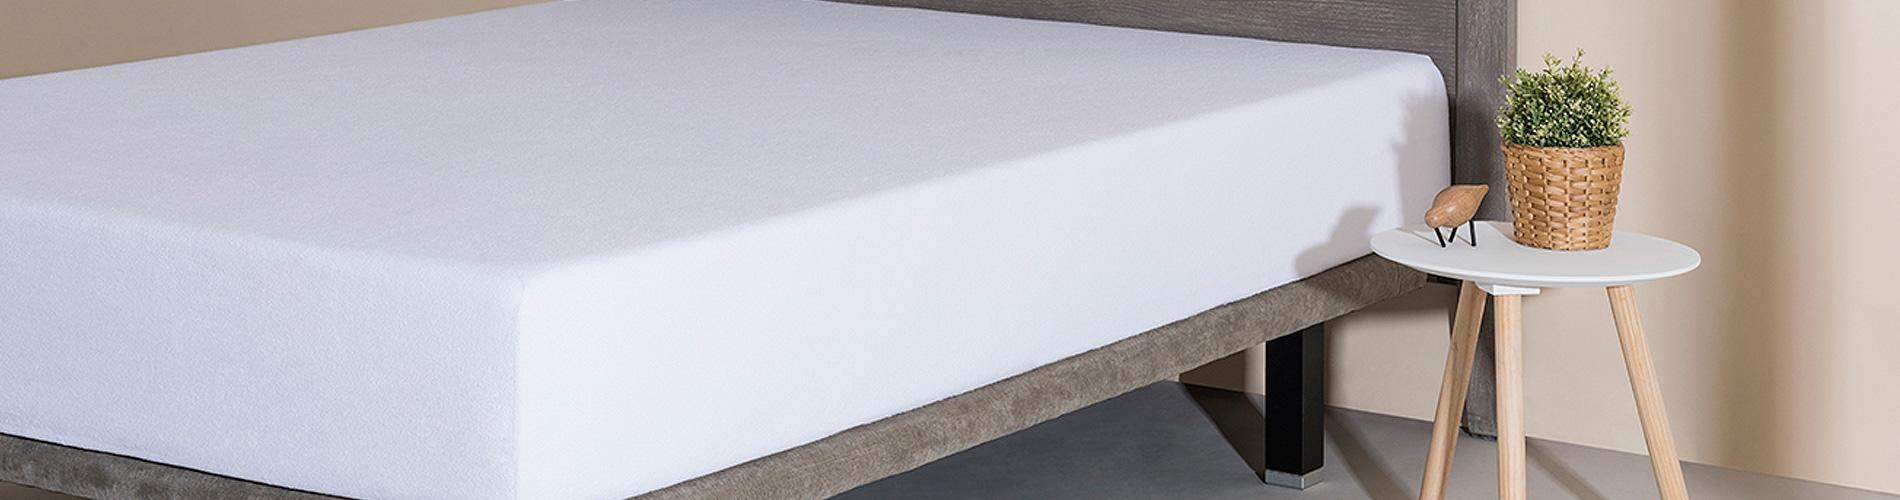 Protector ideal para: personas que buscan tejidos naturales de algodón que combinen impermeabilidad y transpirabilidad.